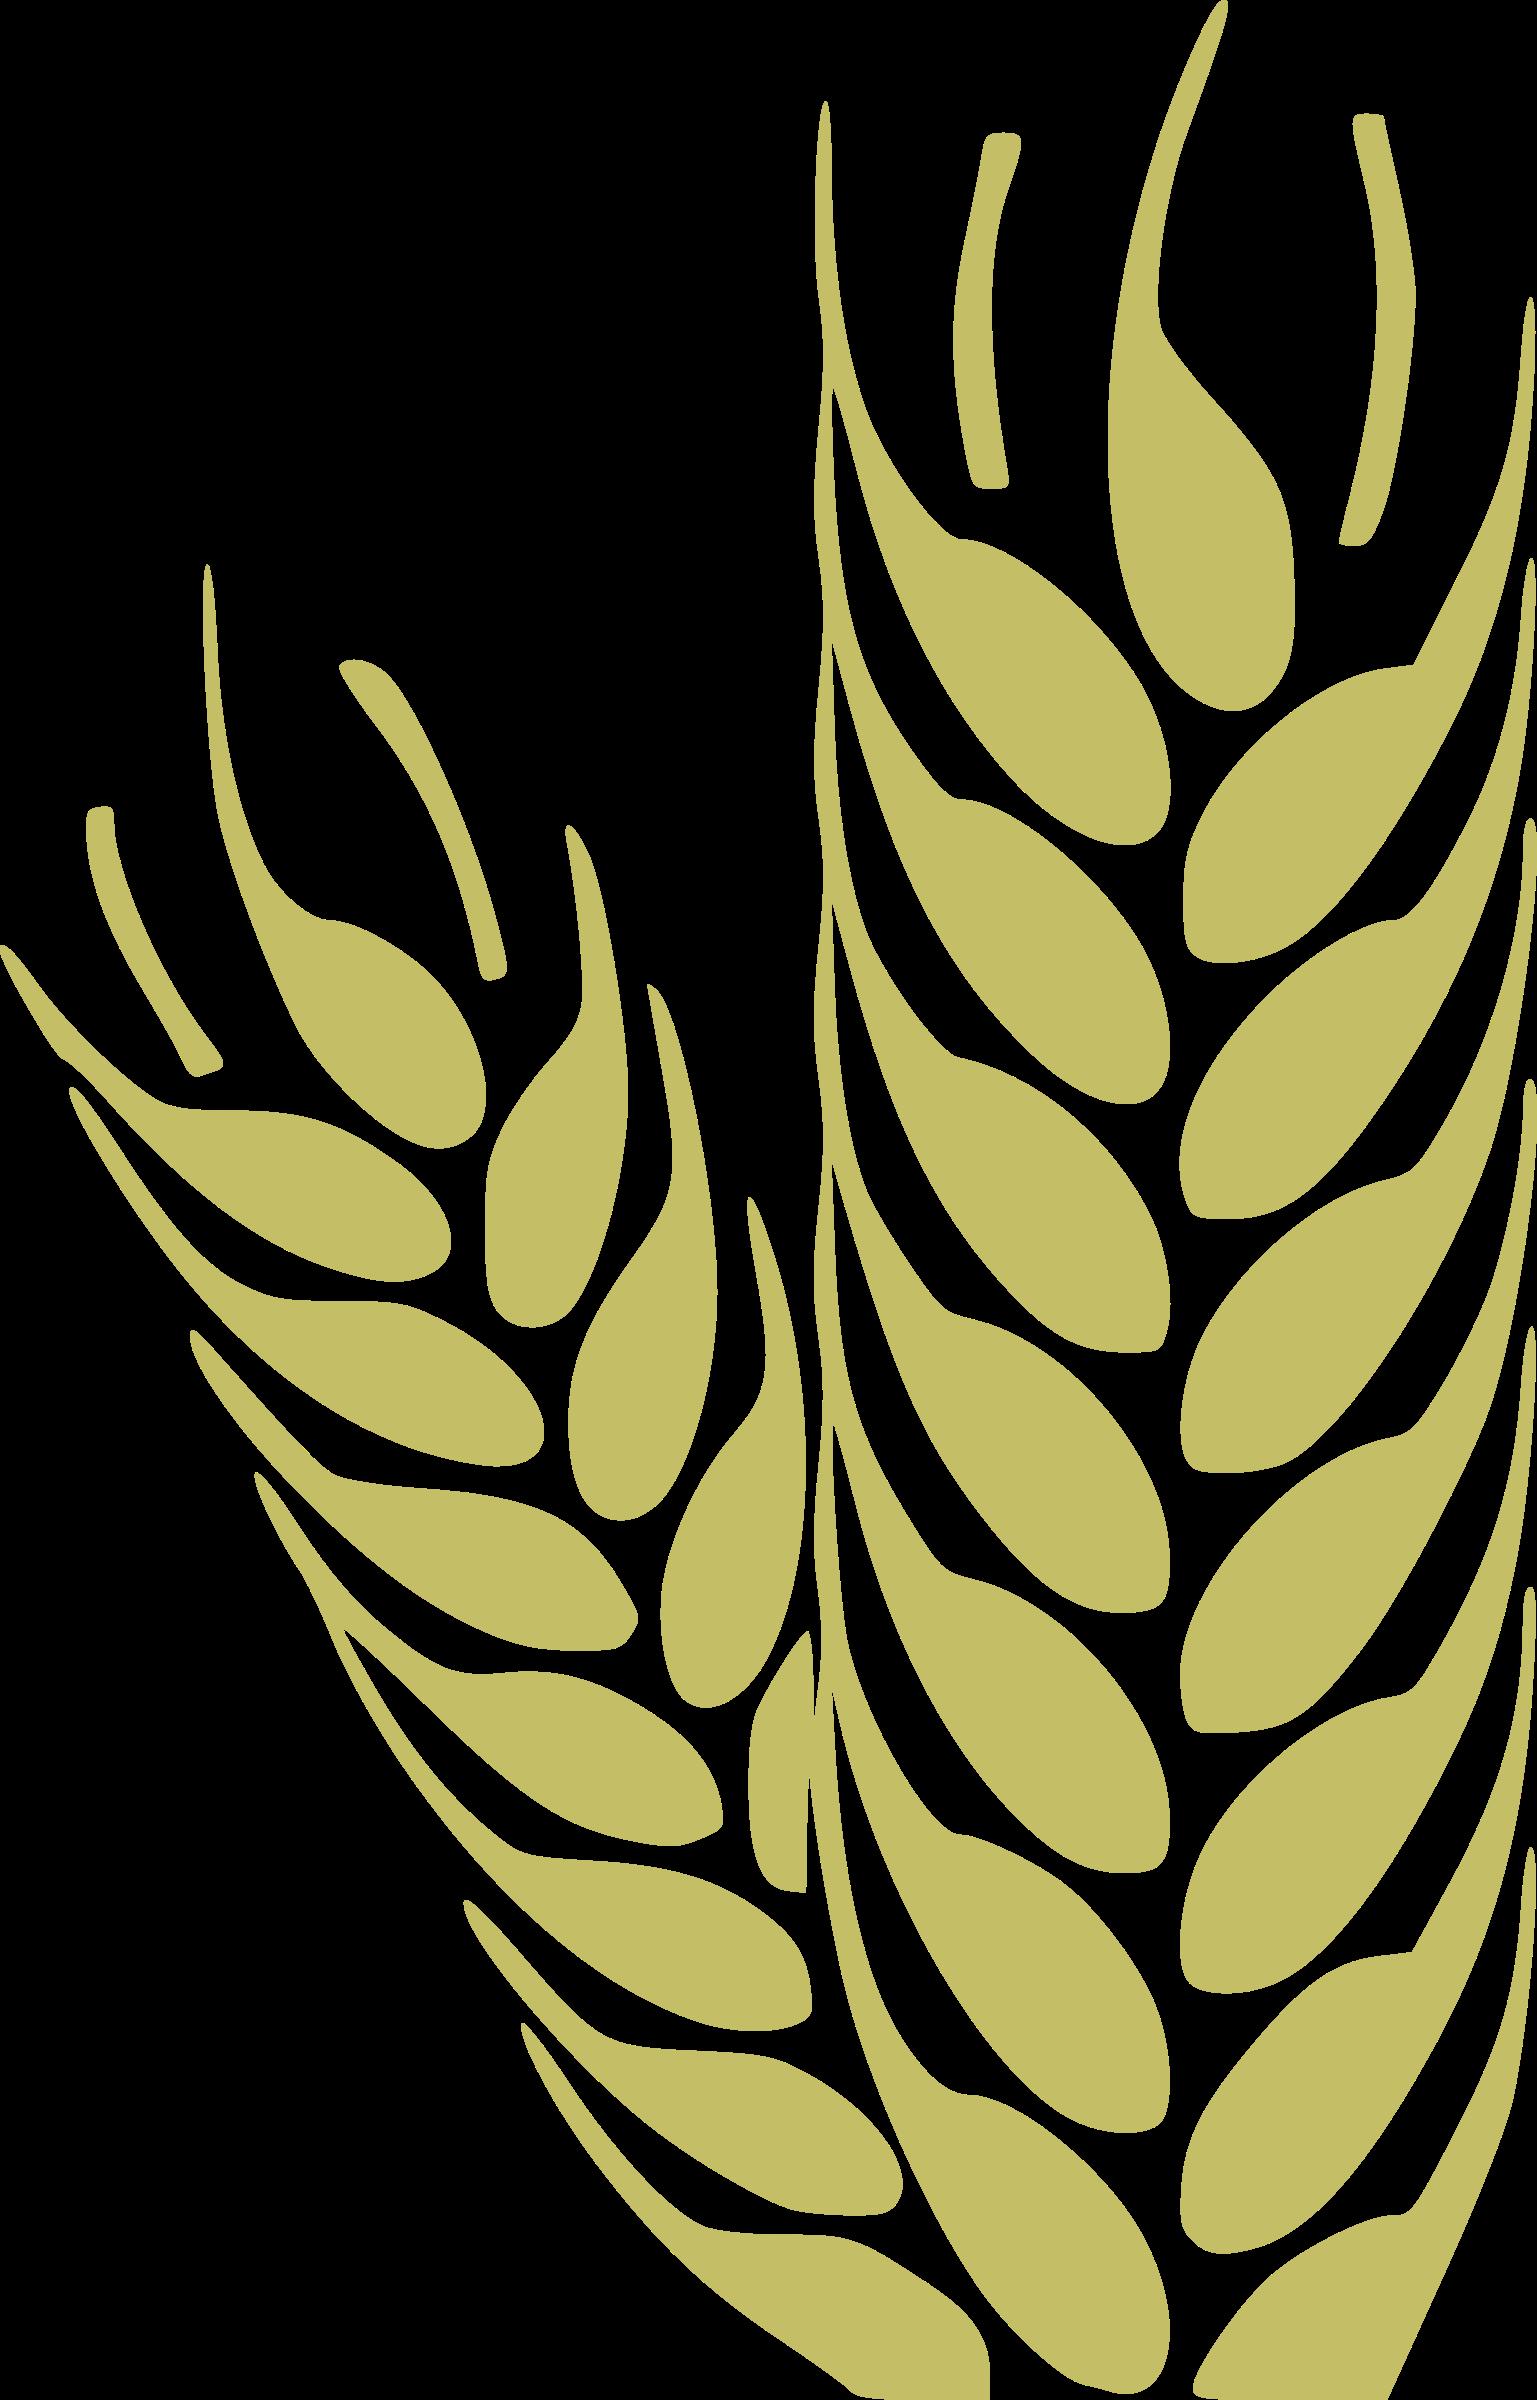 Wheat clipart baisakhi. Trigo icons png free